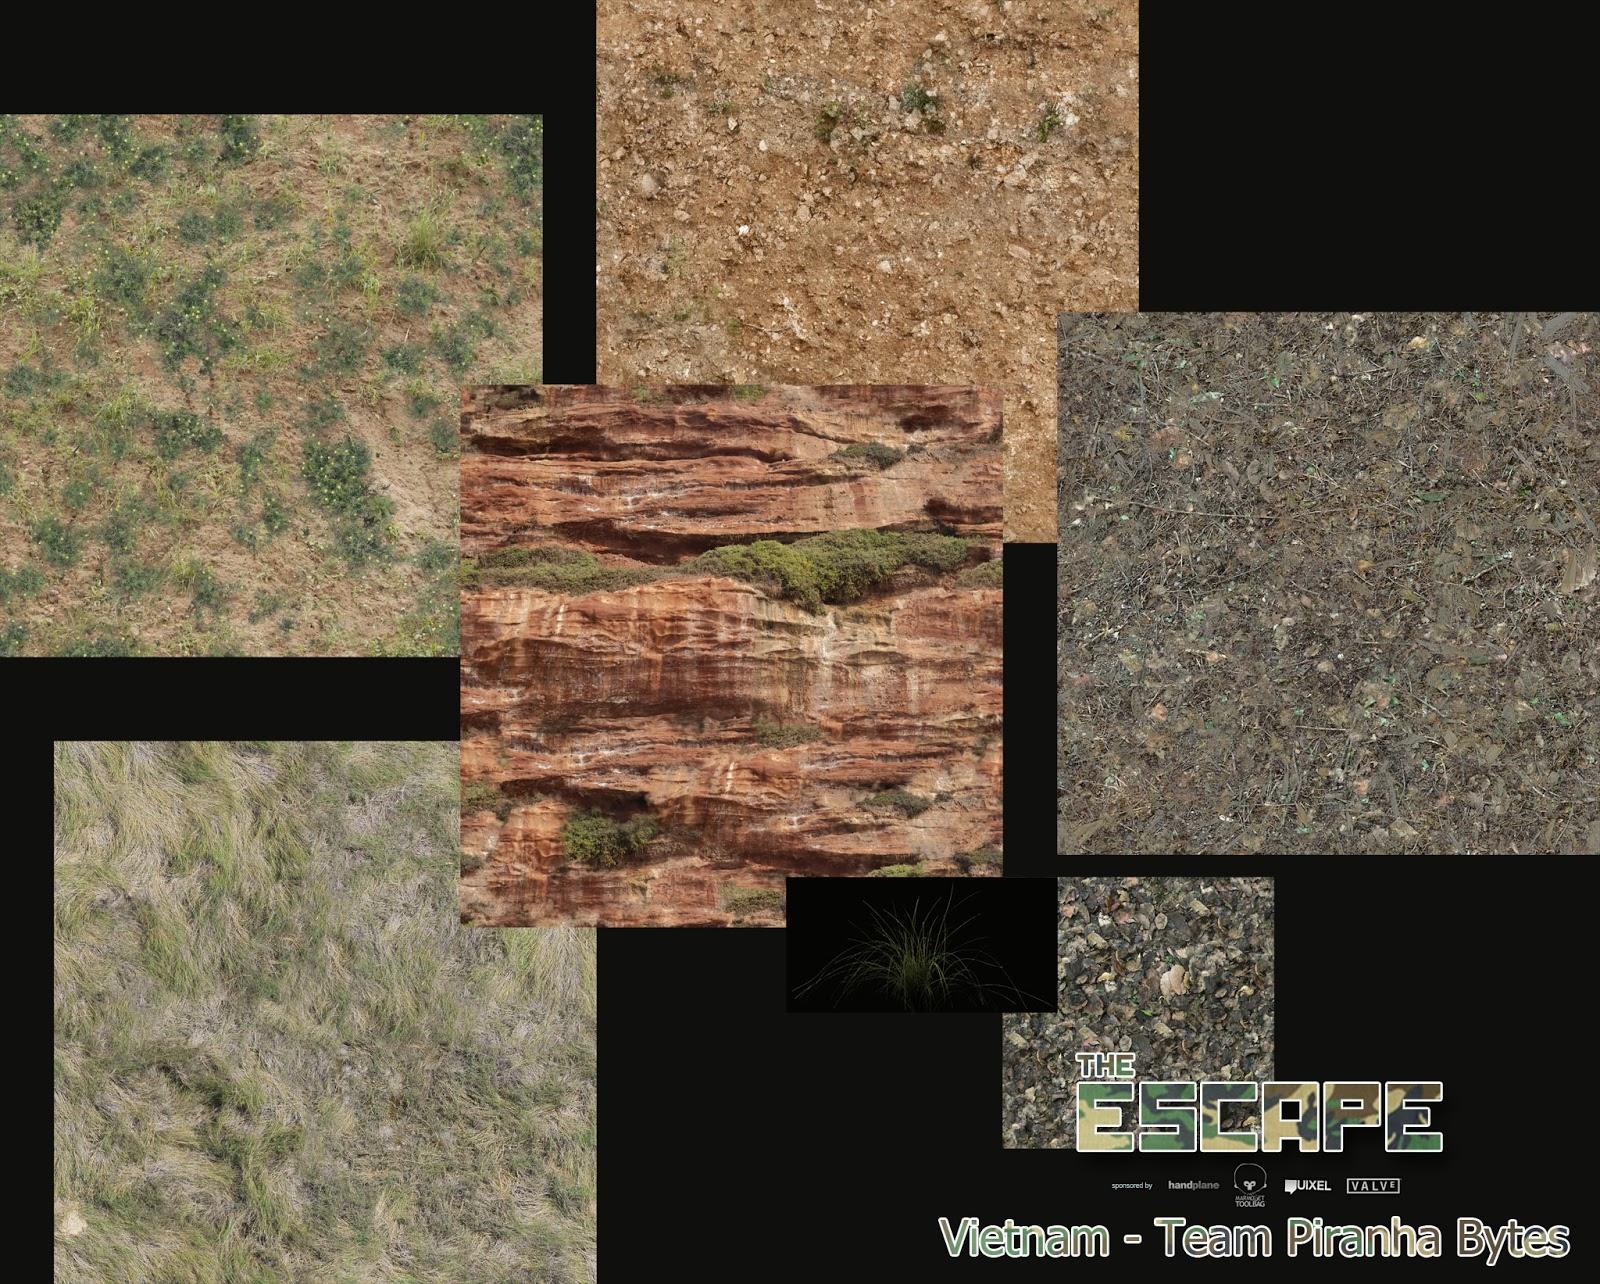 Raw_Images_For_Terrain.jpg